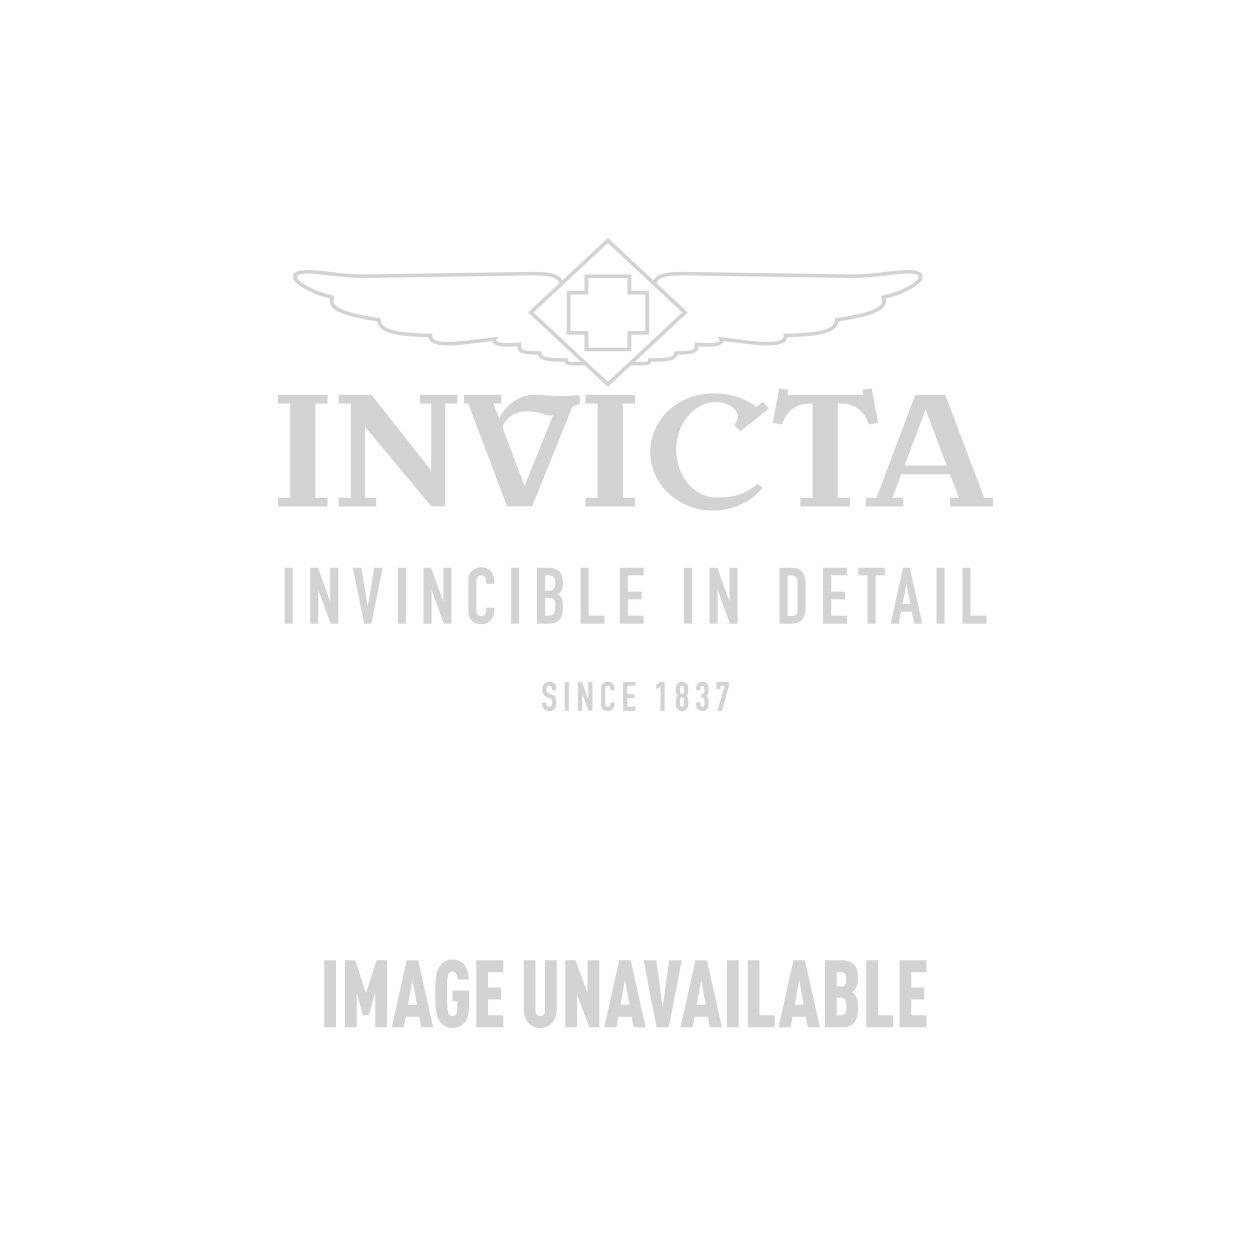 Invicta Model 27411